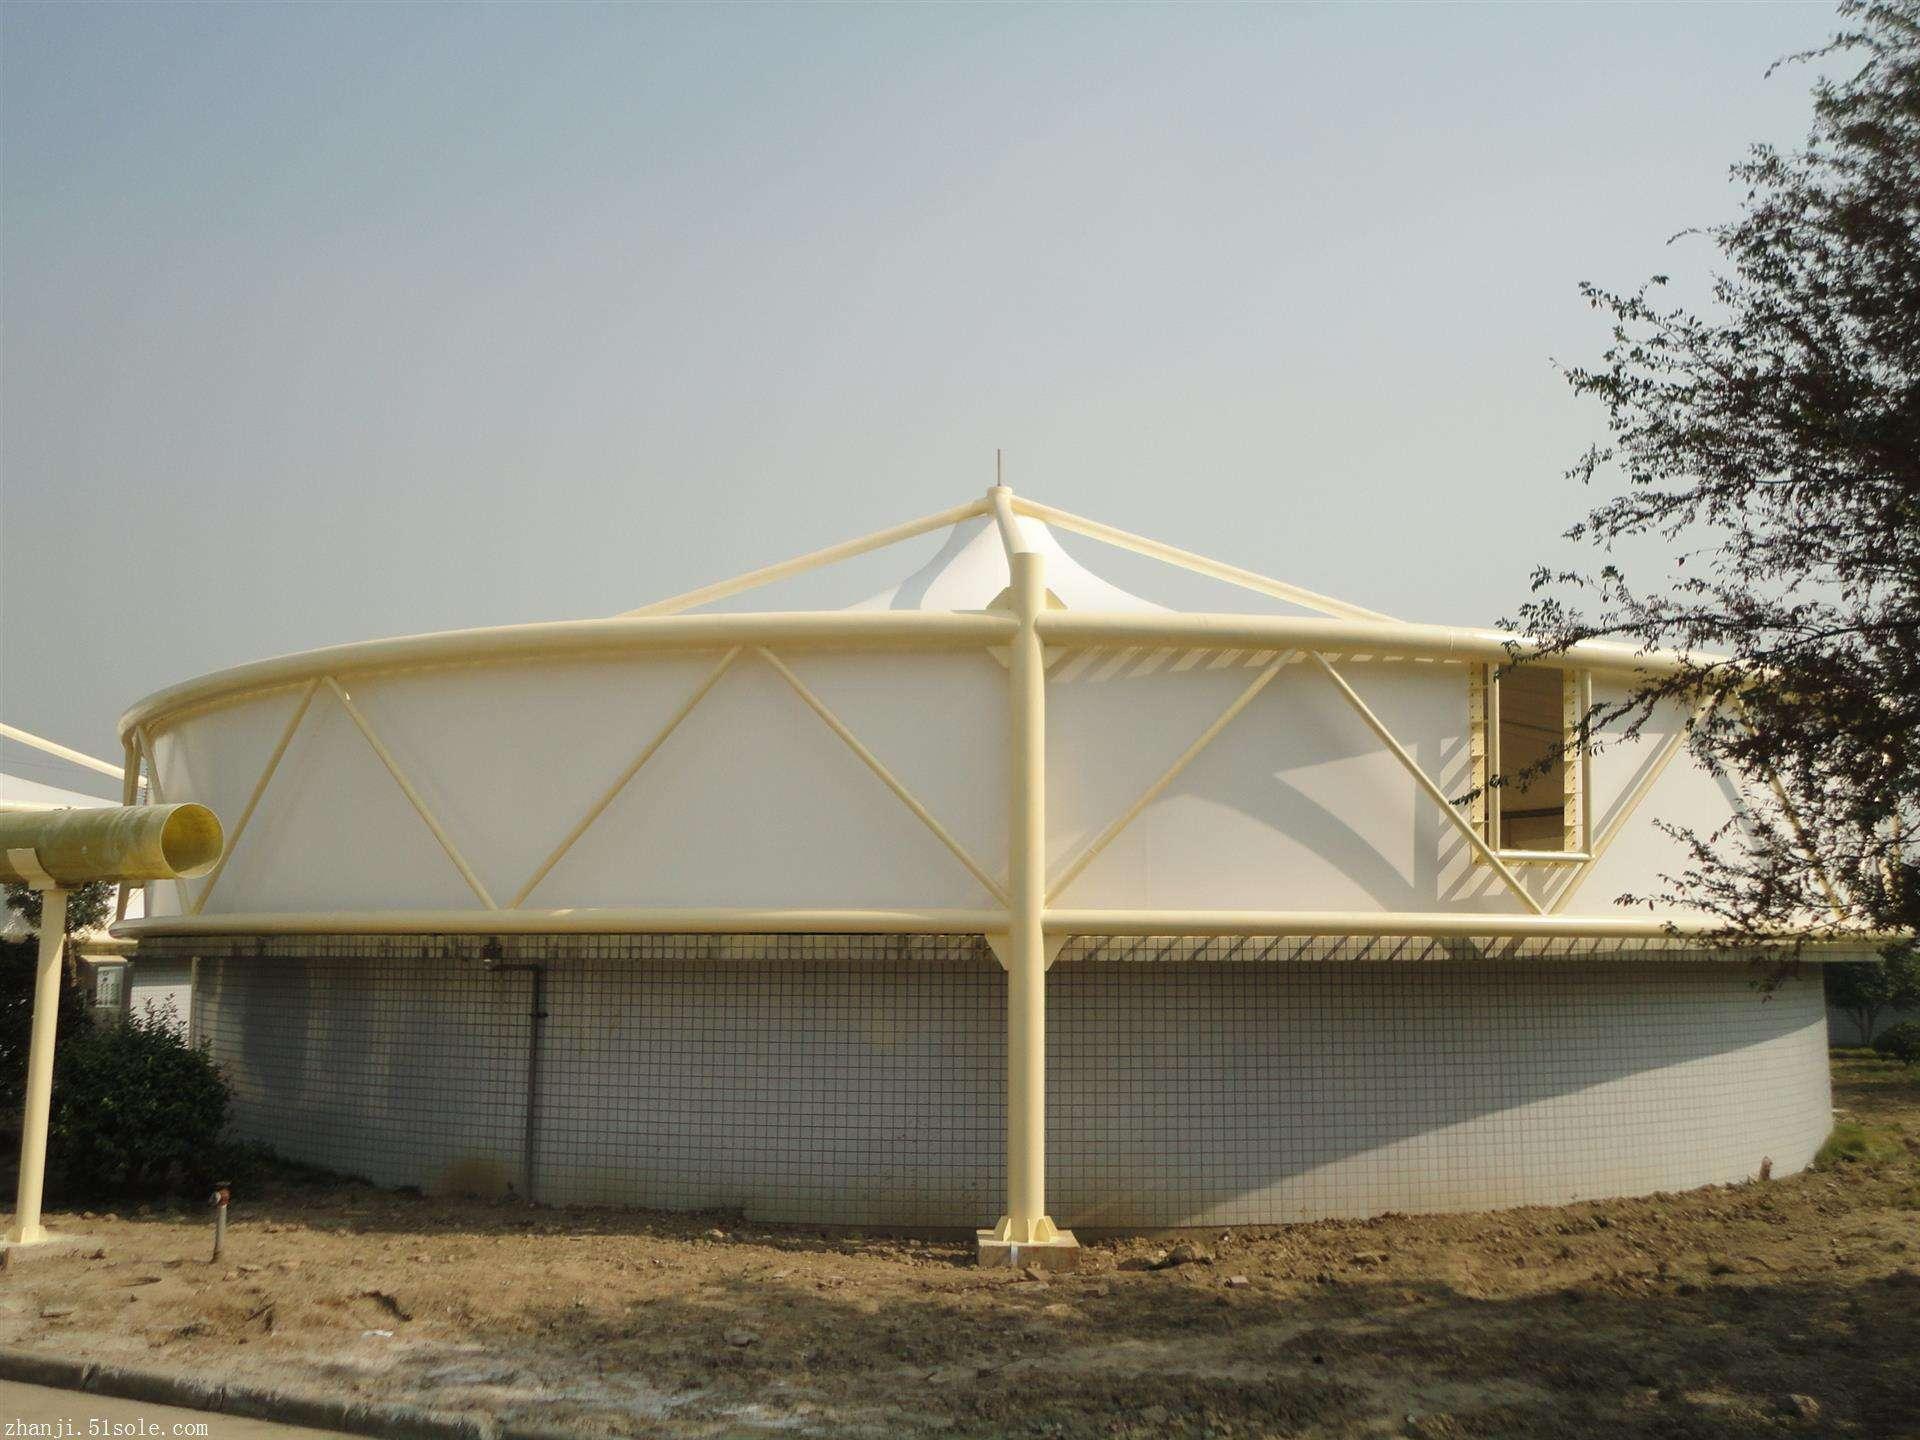 浅析污水池反吊膜除臭的必要性以及除臭方式的选择